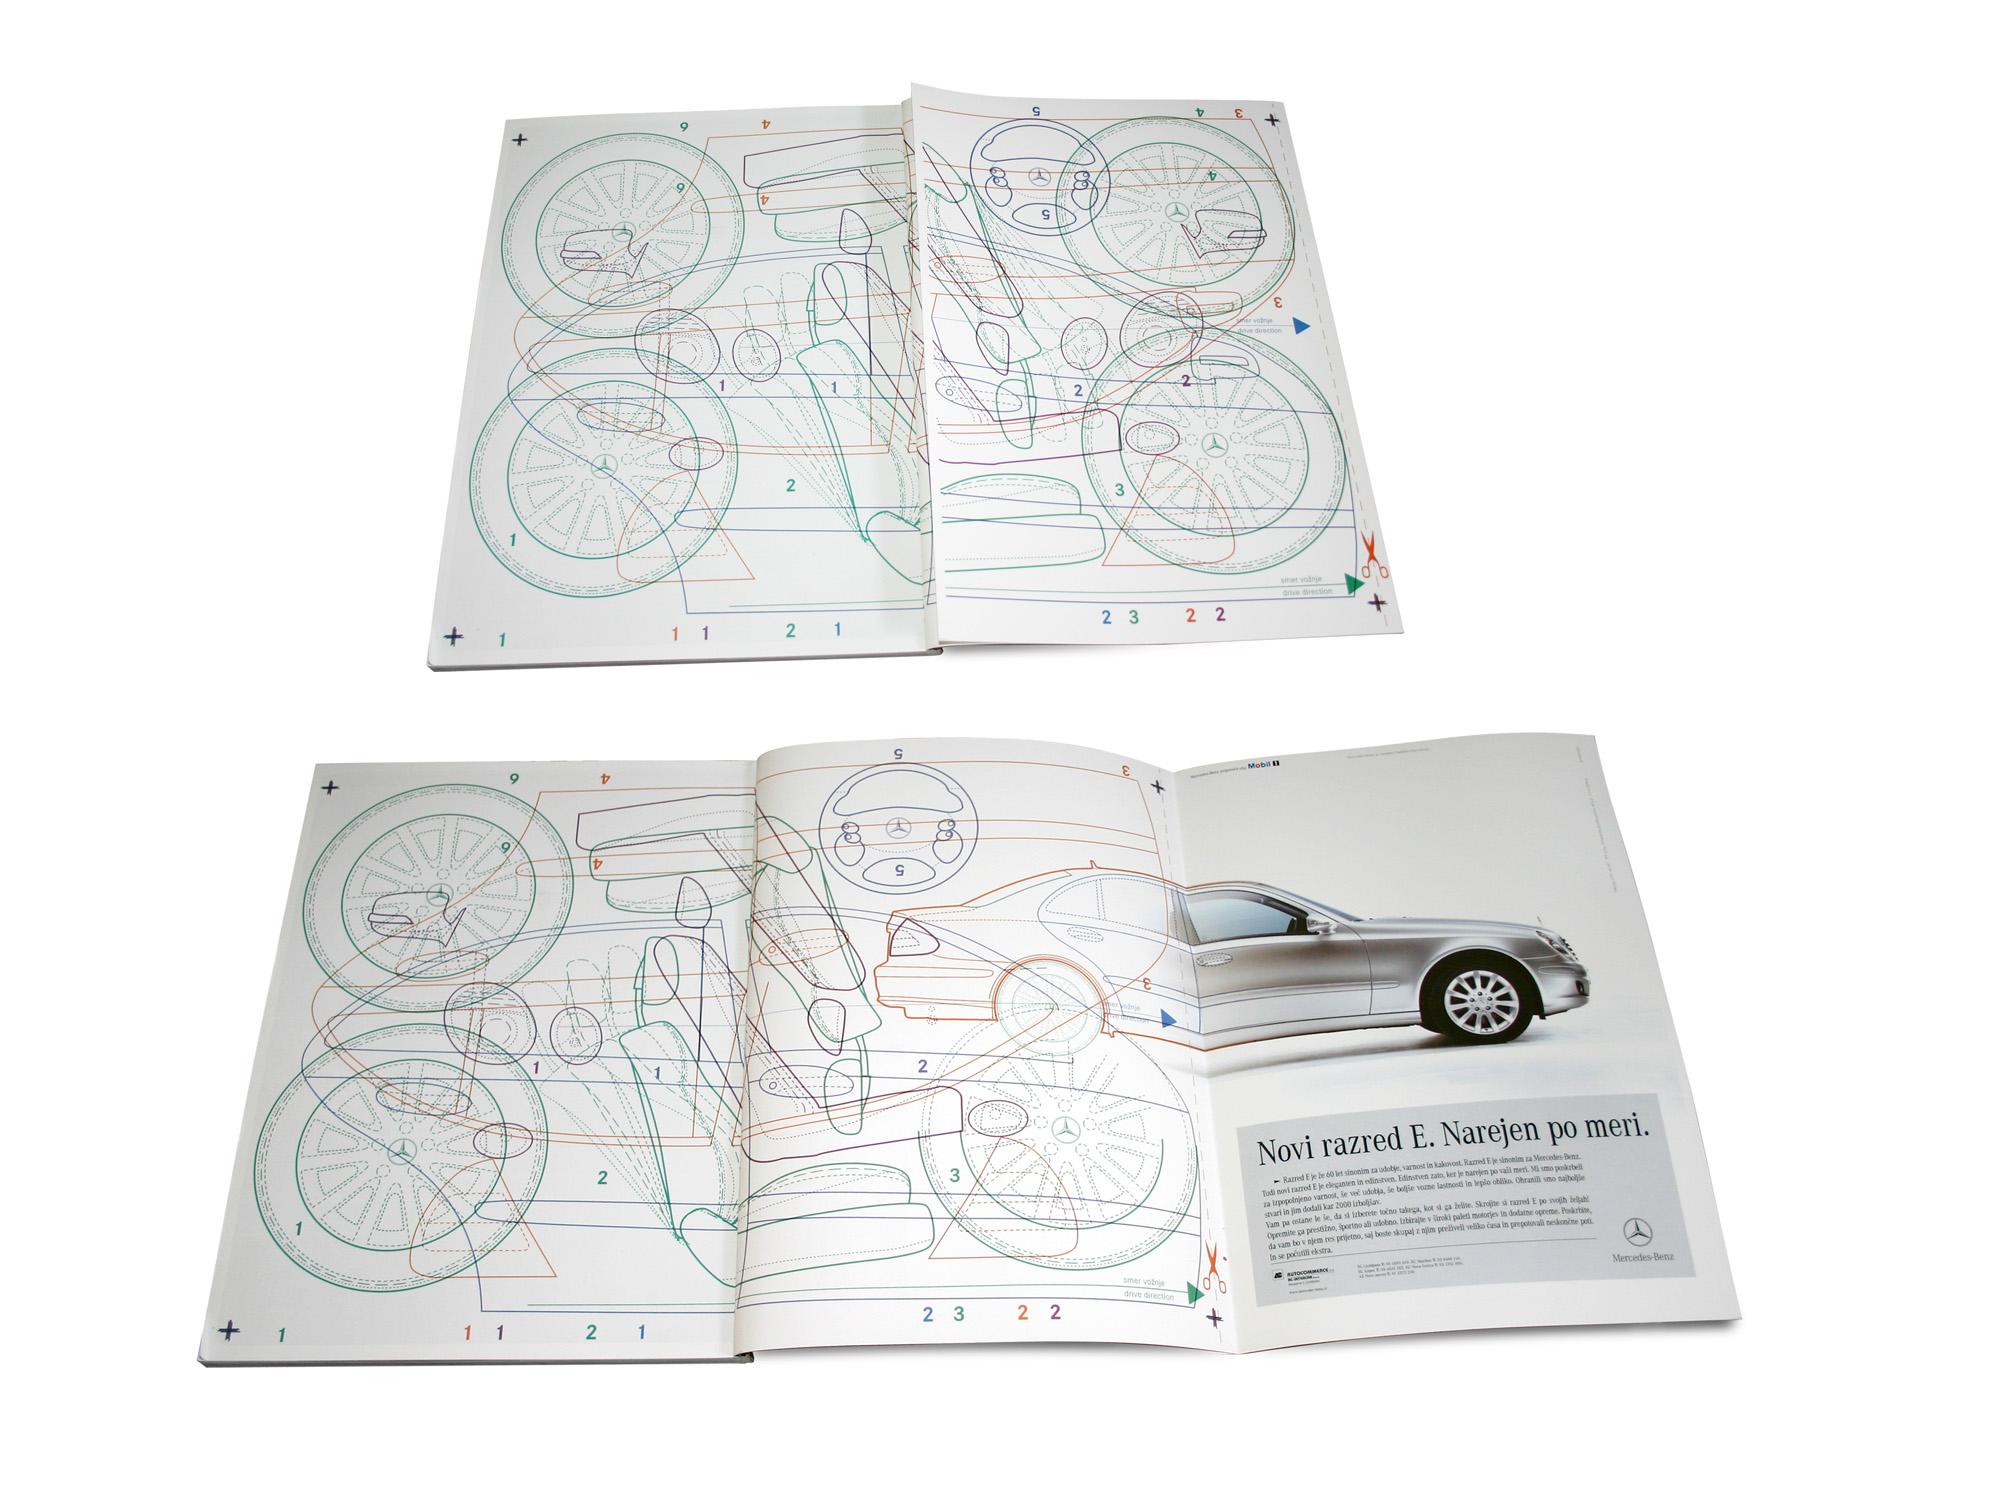 Mercedes-Benz. Print. Image.